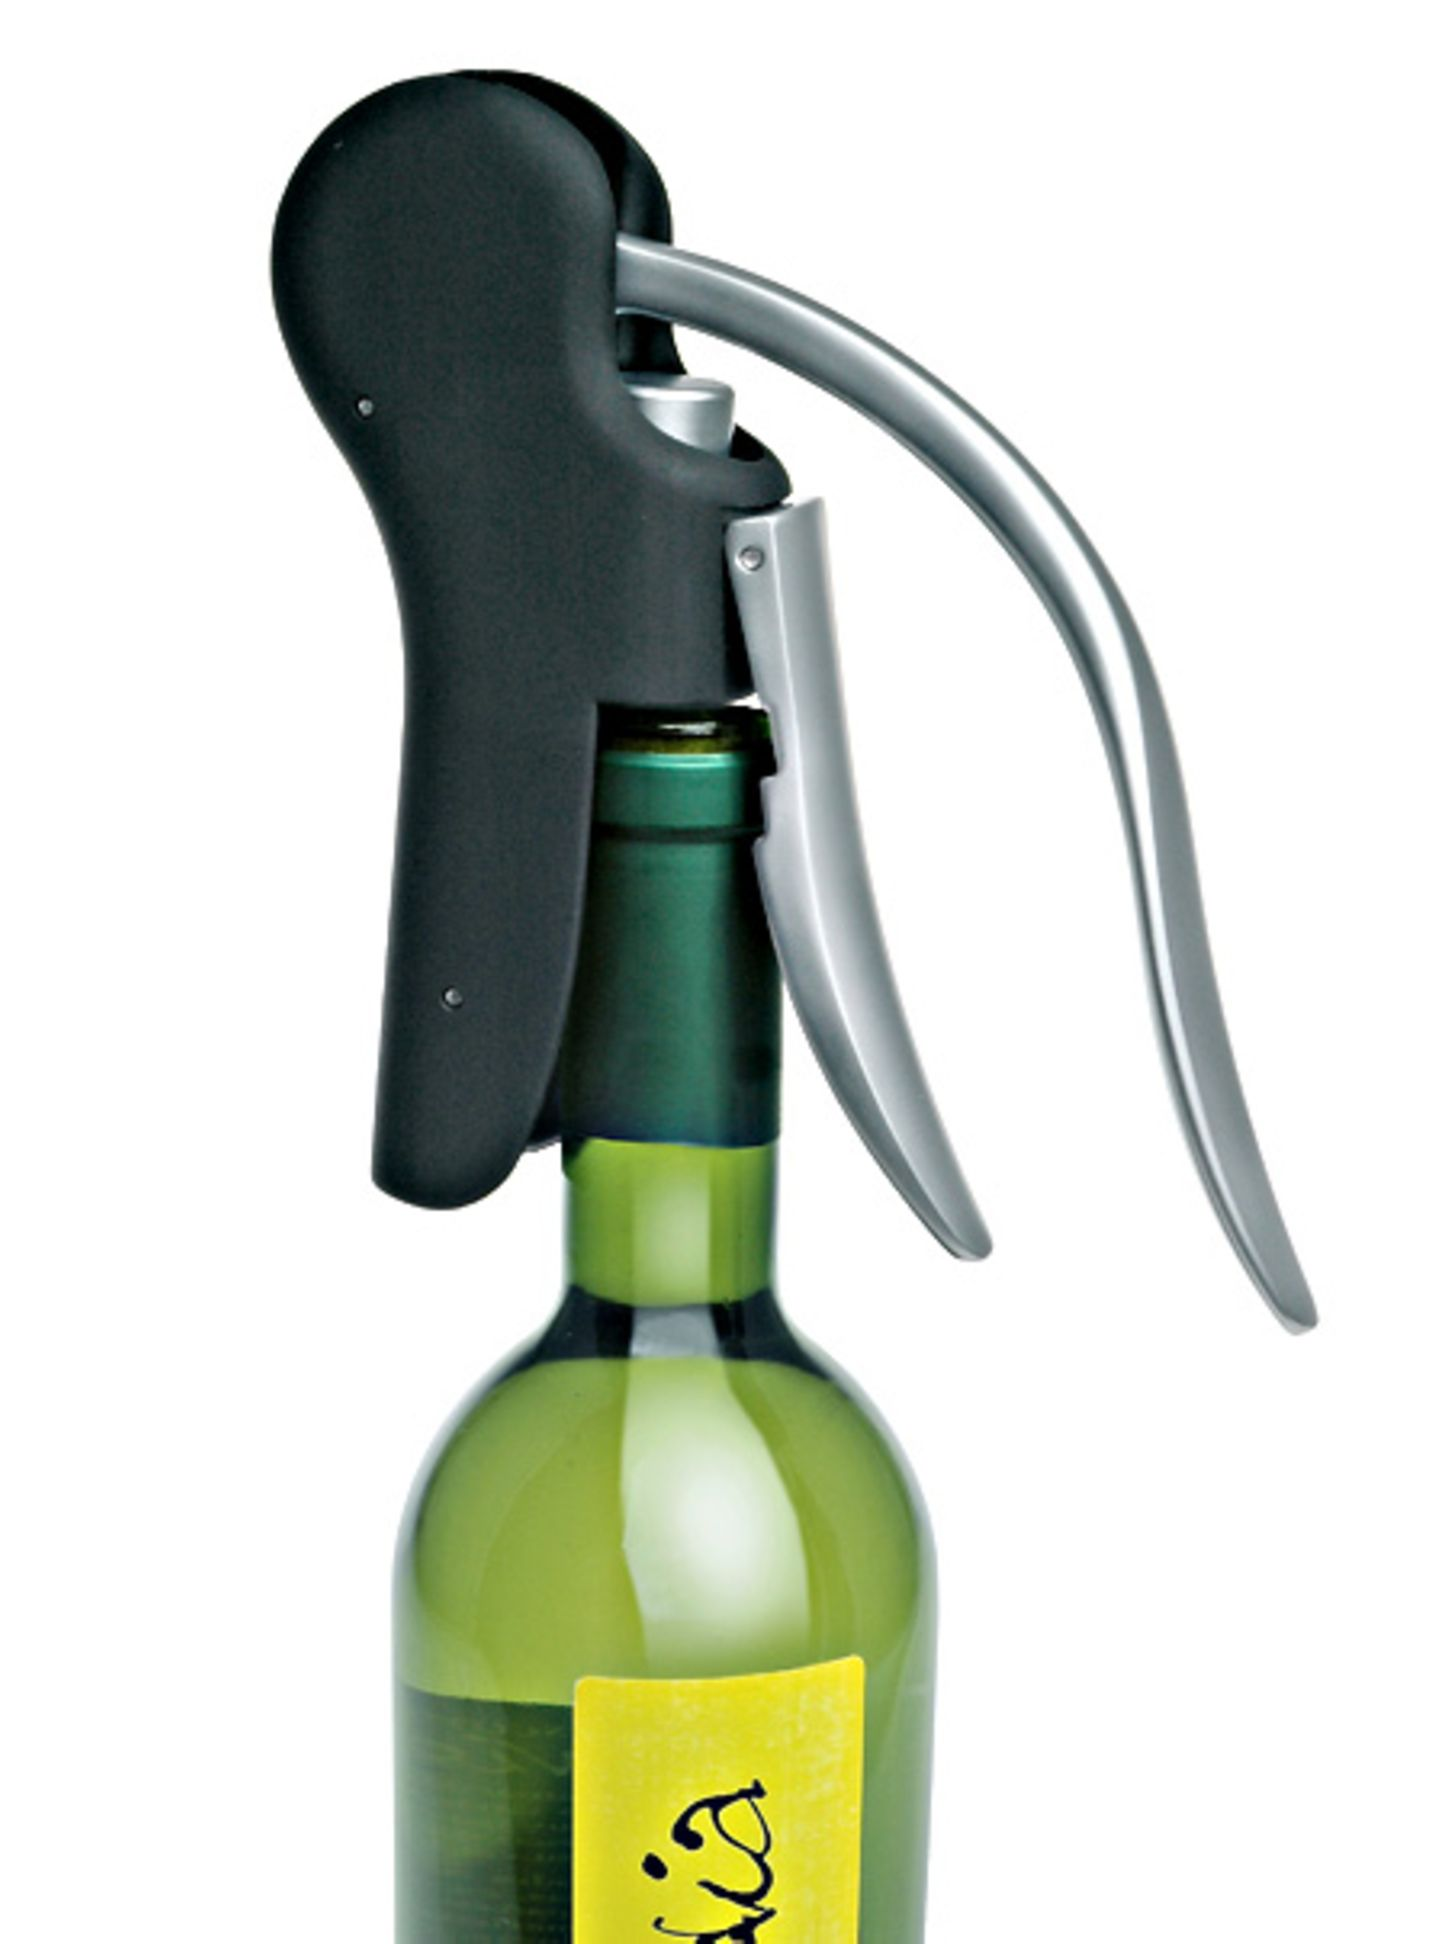 Flaschenöffnen leicht gemacht: LEVER MAN